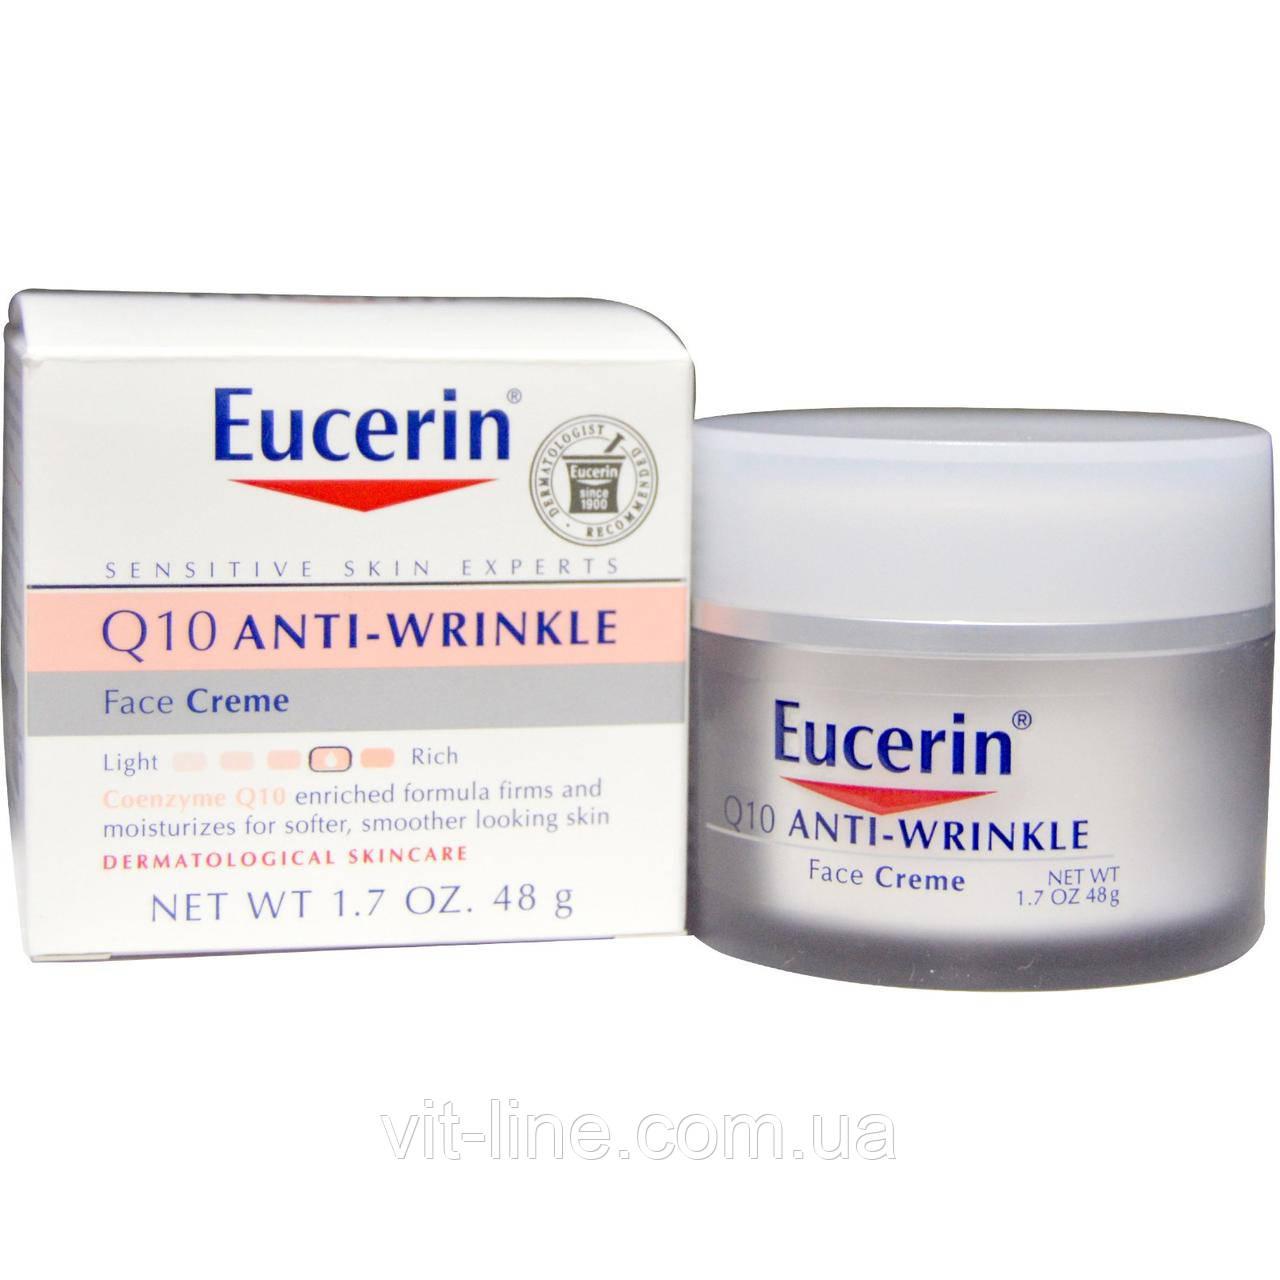 Eucerin, Крем для лица против морщин Q10, 48г